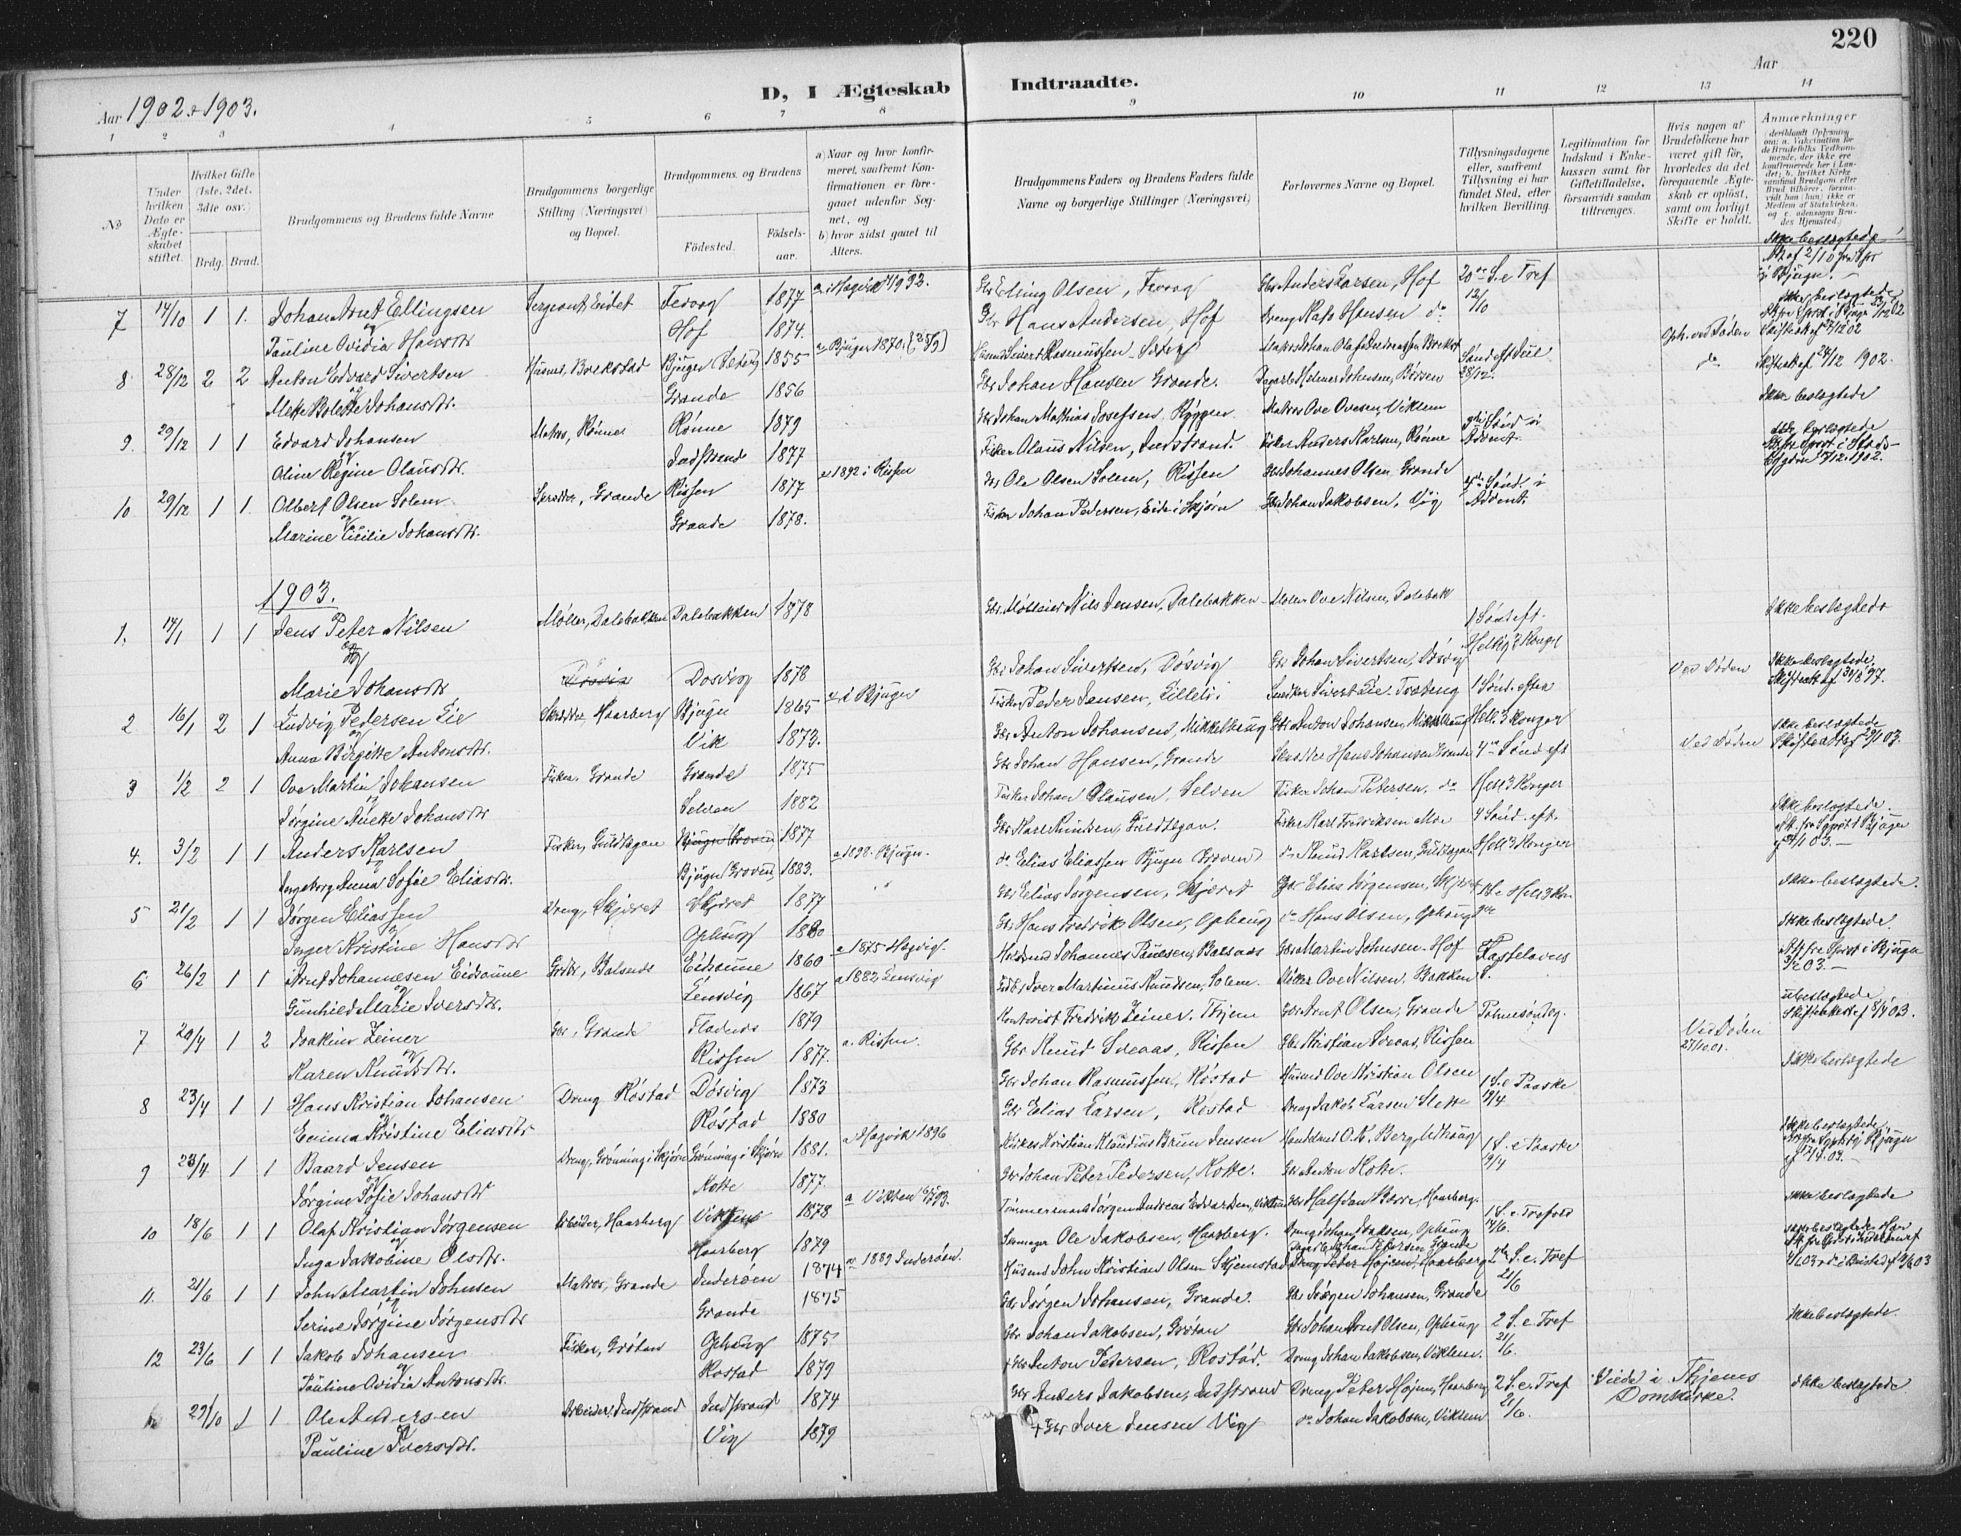 SAT, Ministerialprotokoller, klokkerbøker og fødselsregistre - Sør-Trøndelag, 659/L0743: Ministerialbok nr. 659A13, 1893-1910, s. 220